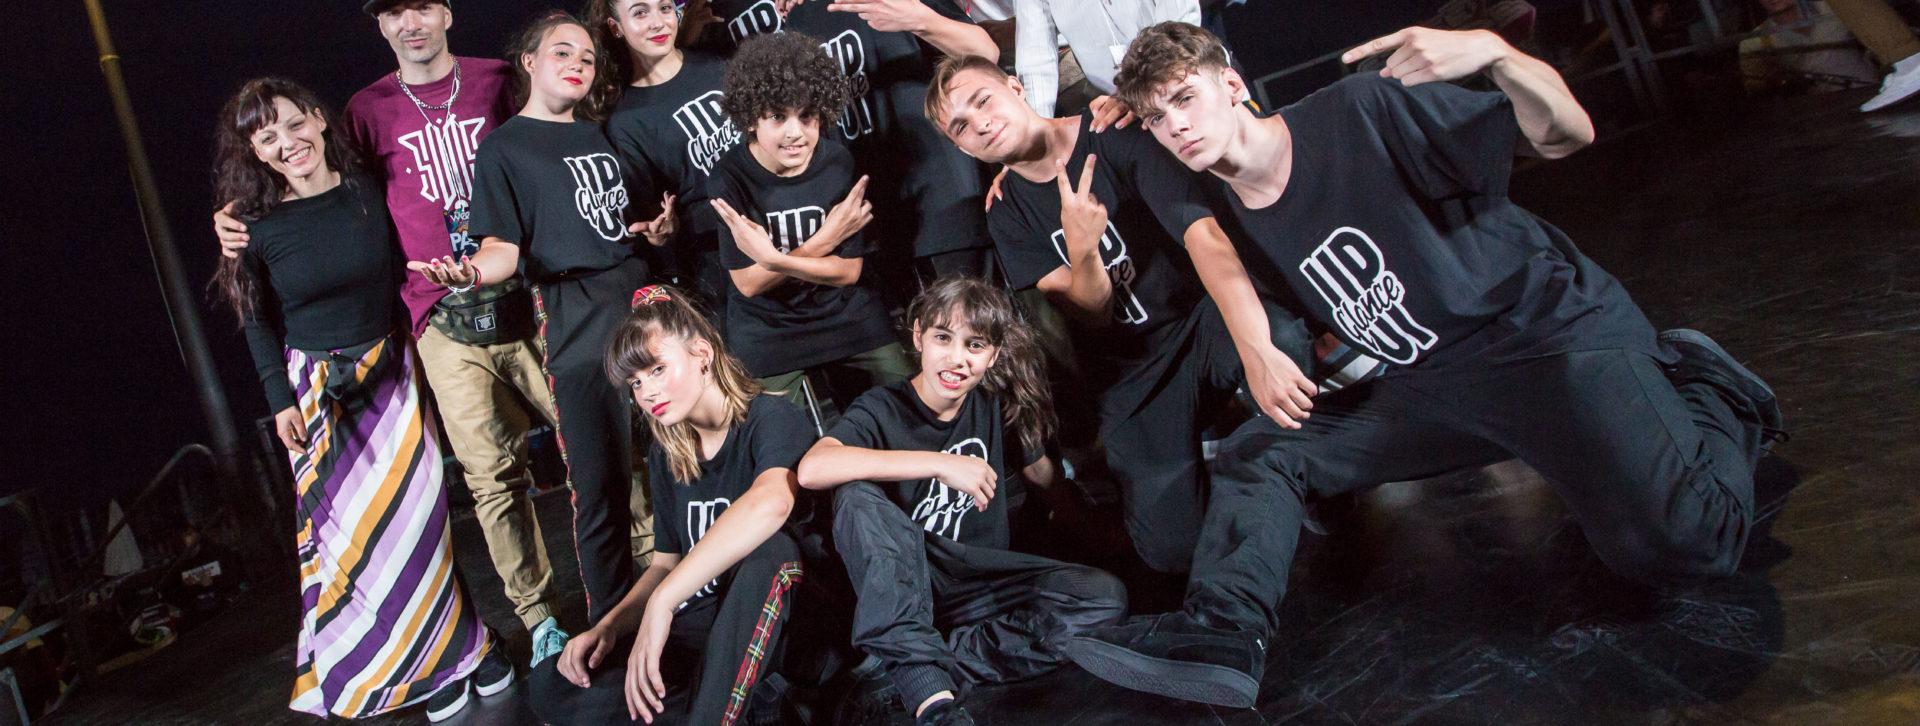 The Week The WeeKidz Junior Kids Street Dance Summer Camp Cesenatico Italy Workshop Stage Hip Hop Festival